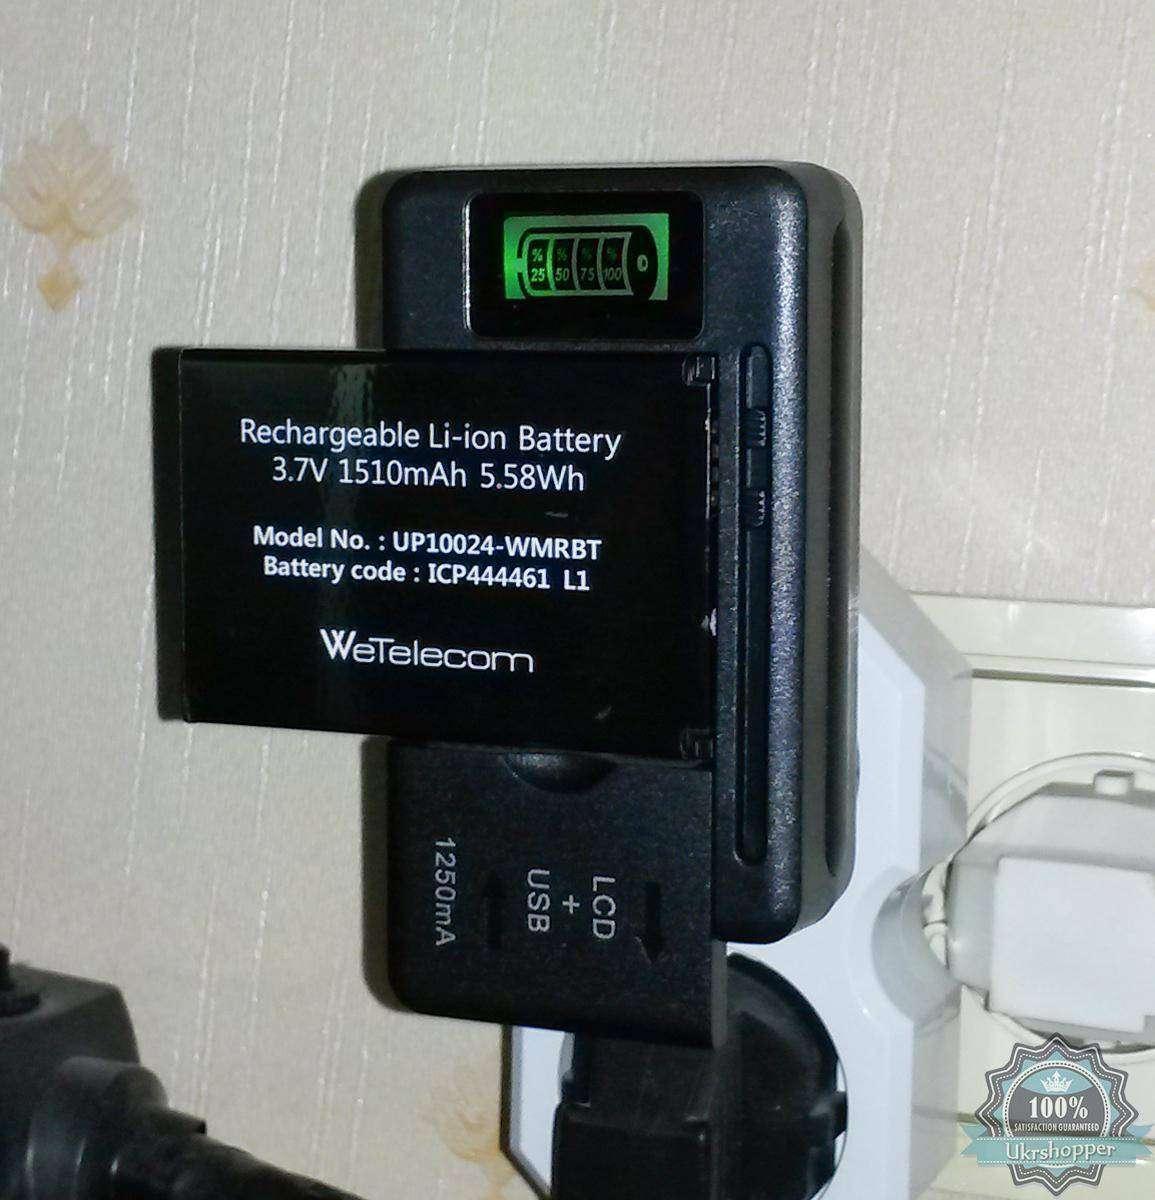 Универсальная зарядка (жабка) для Li-On аккумуляторов 3,7 В